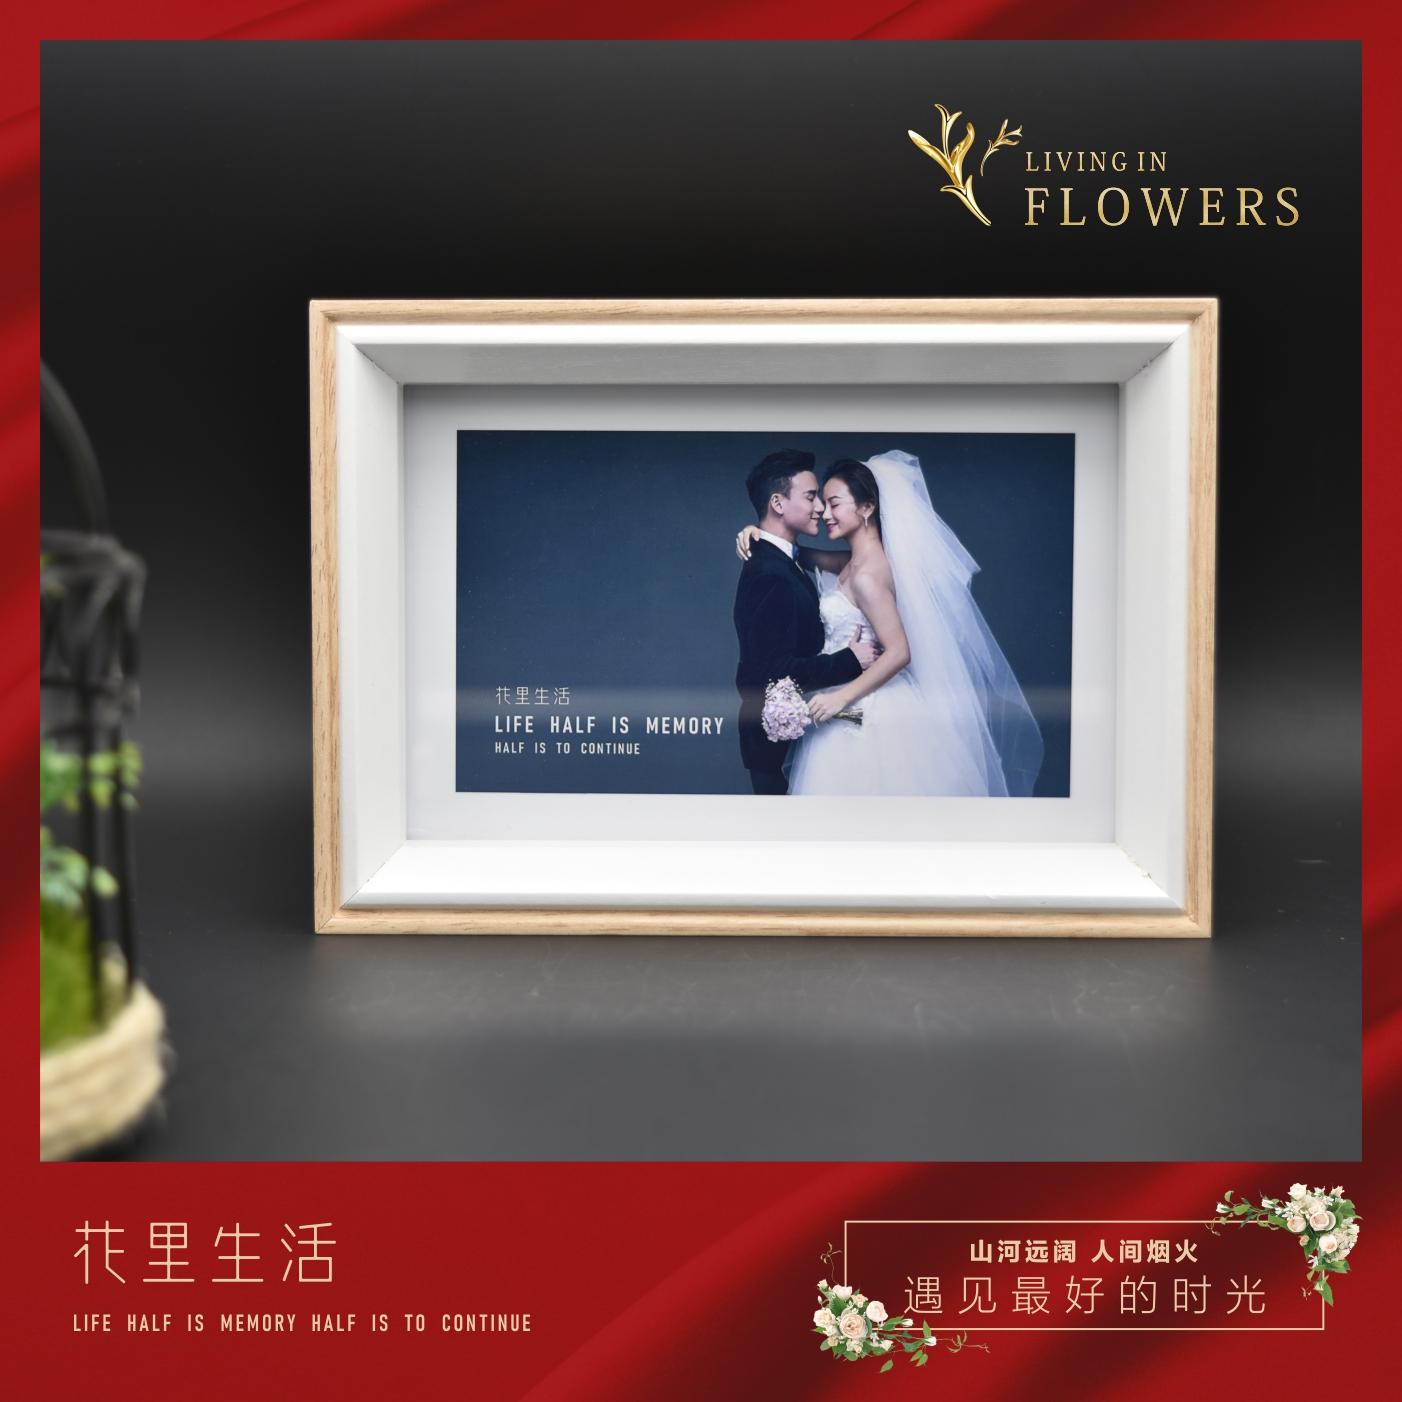 北欧insシンプルなアイデアは、フレームを並べて6インチの結婚式の卒業式の写真を登録し、結婚式の写真をプレゼントします。